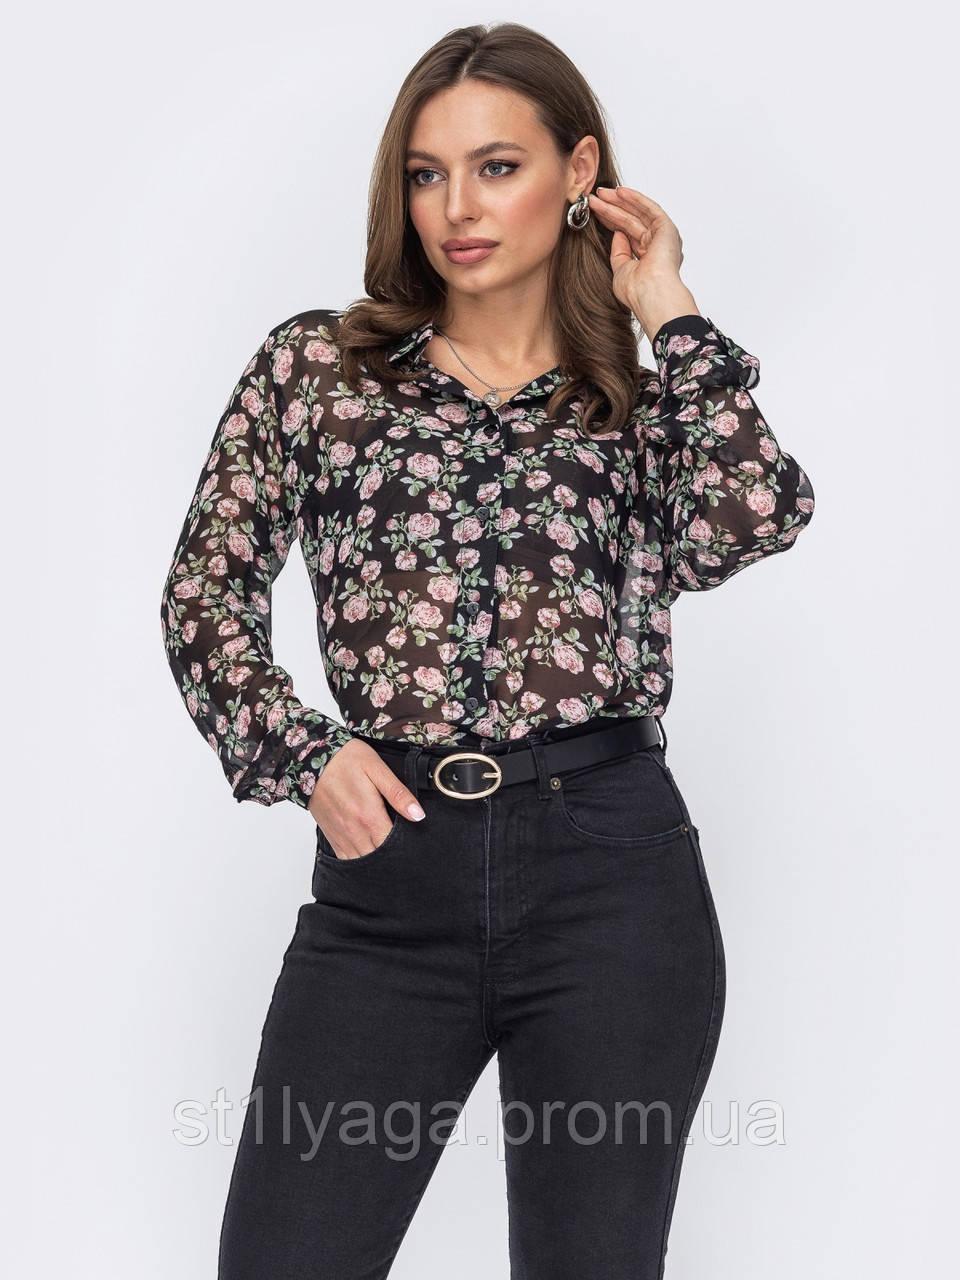 Черная блуза из шифона в цветочном принте на застежке пуговицы